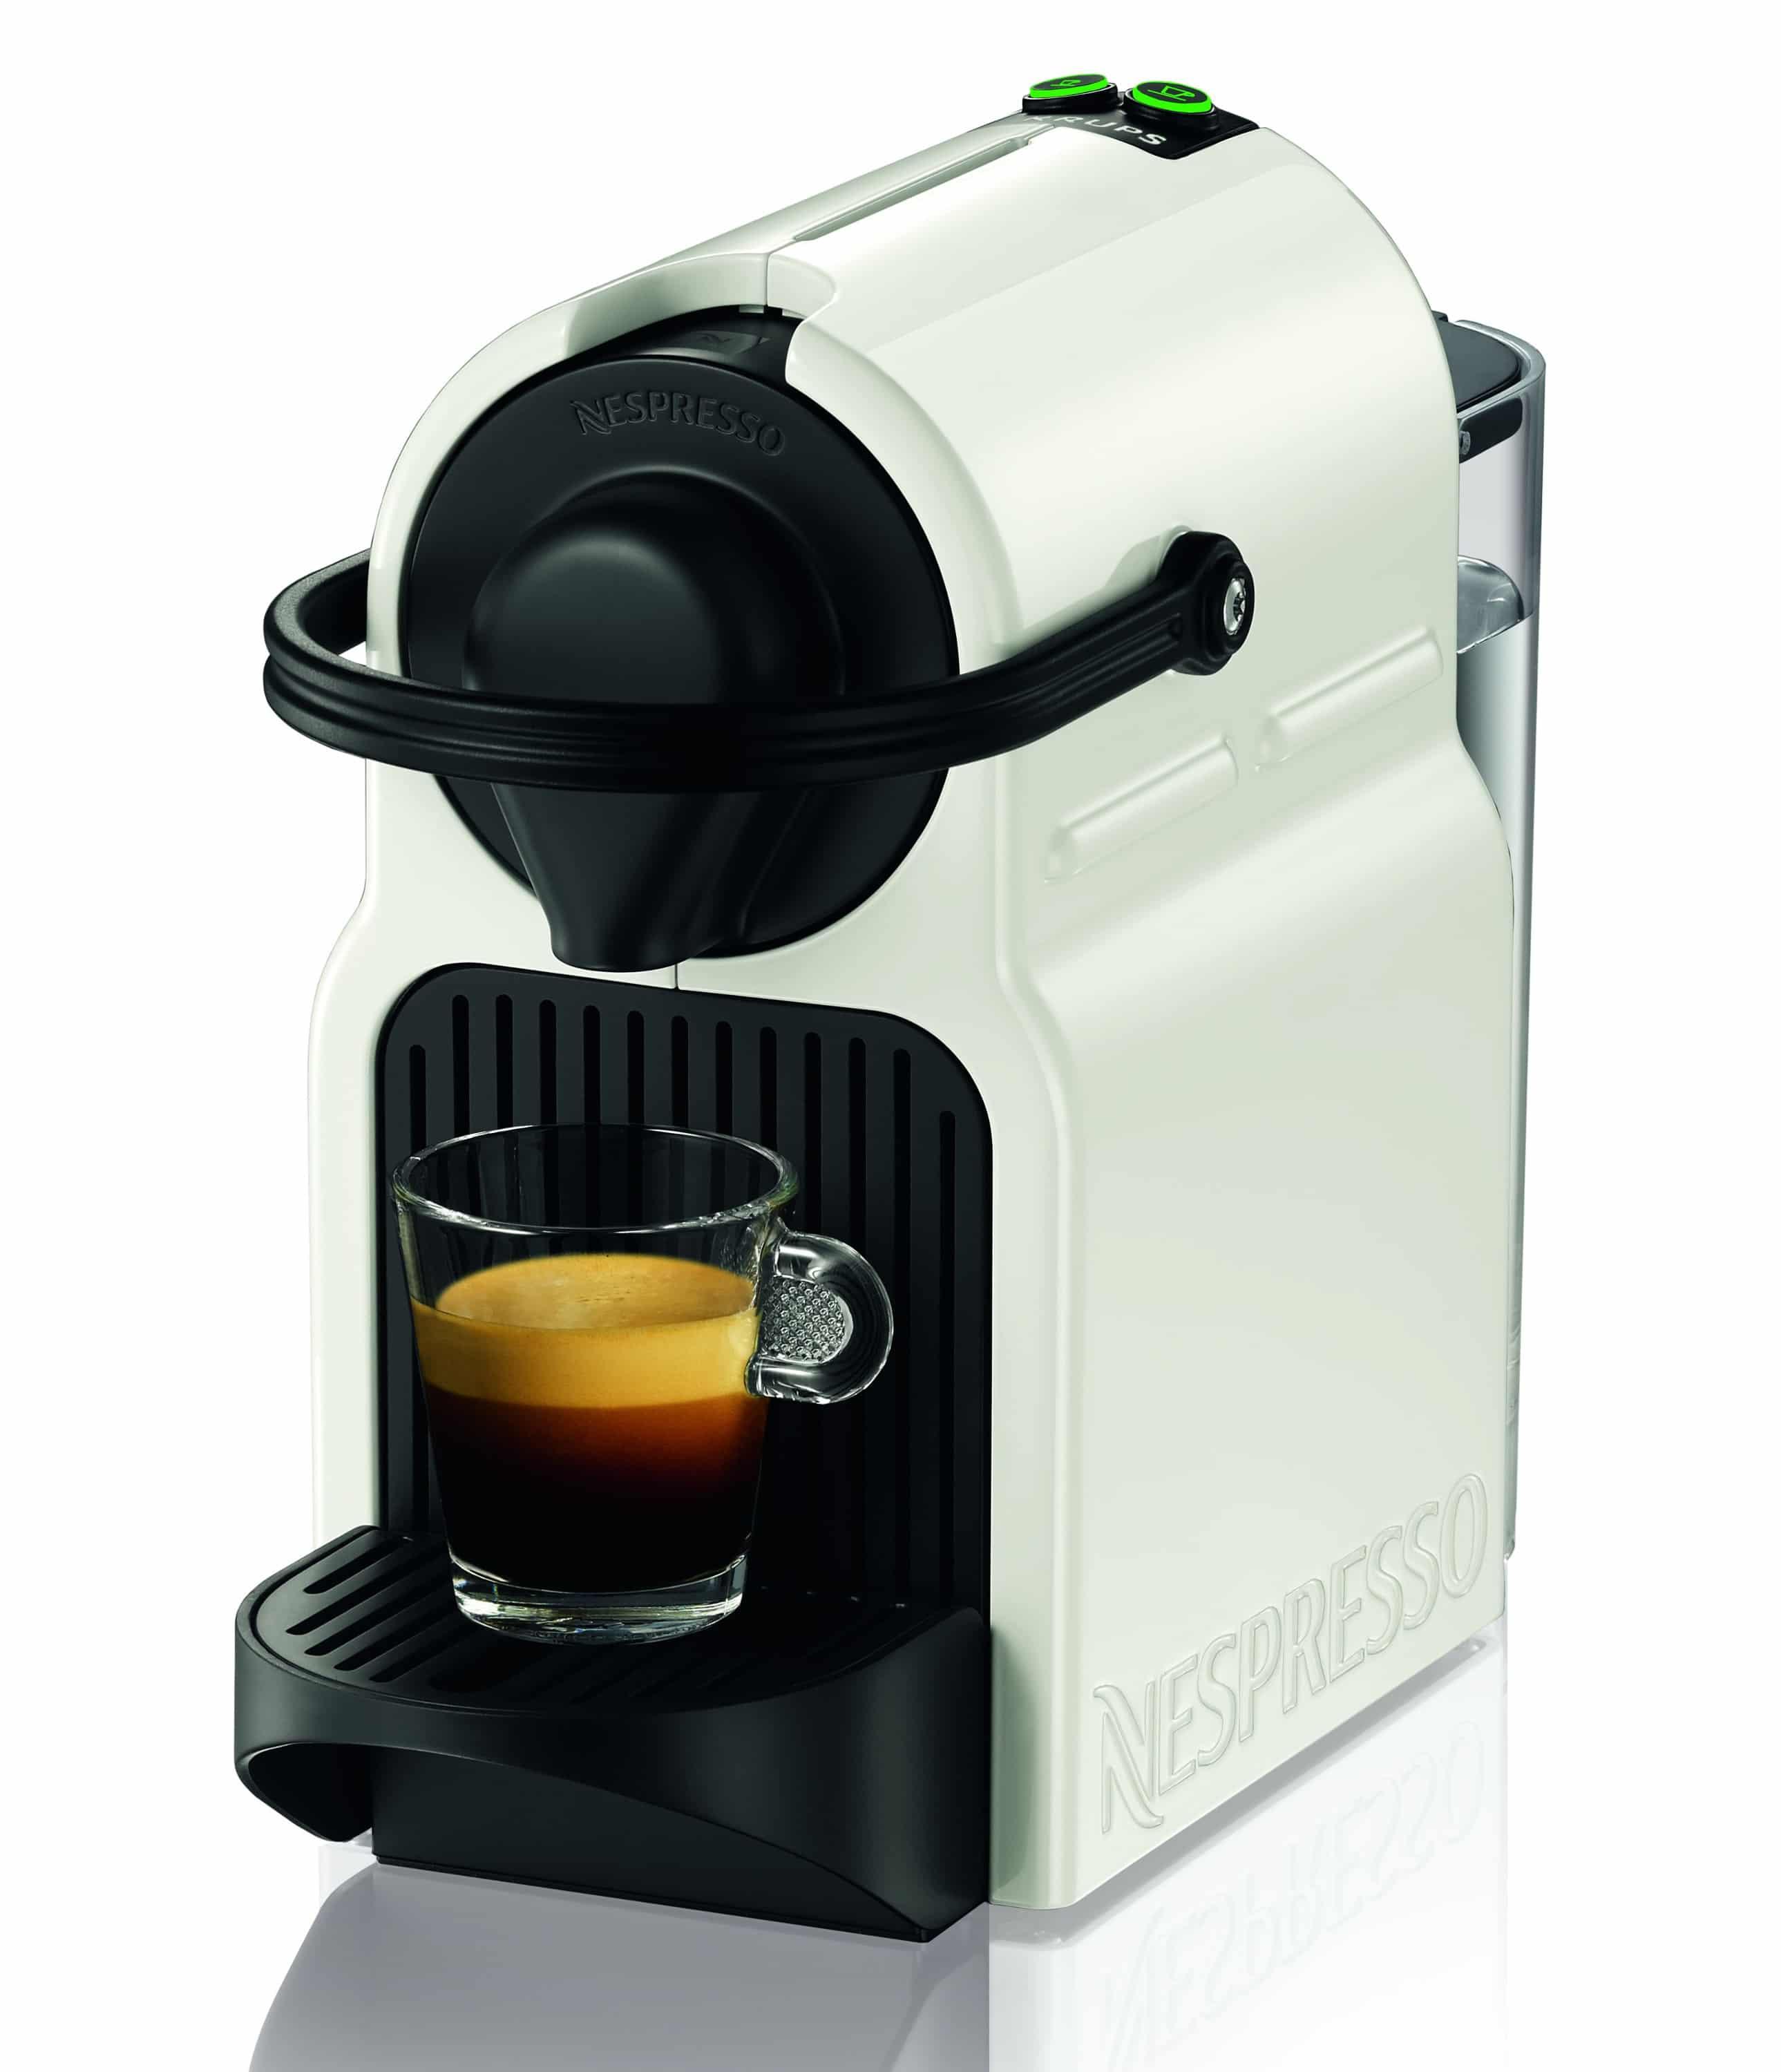 cafetiere nespresso inissia promo